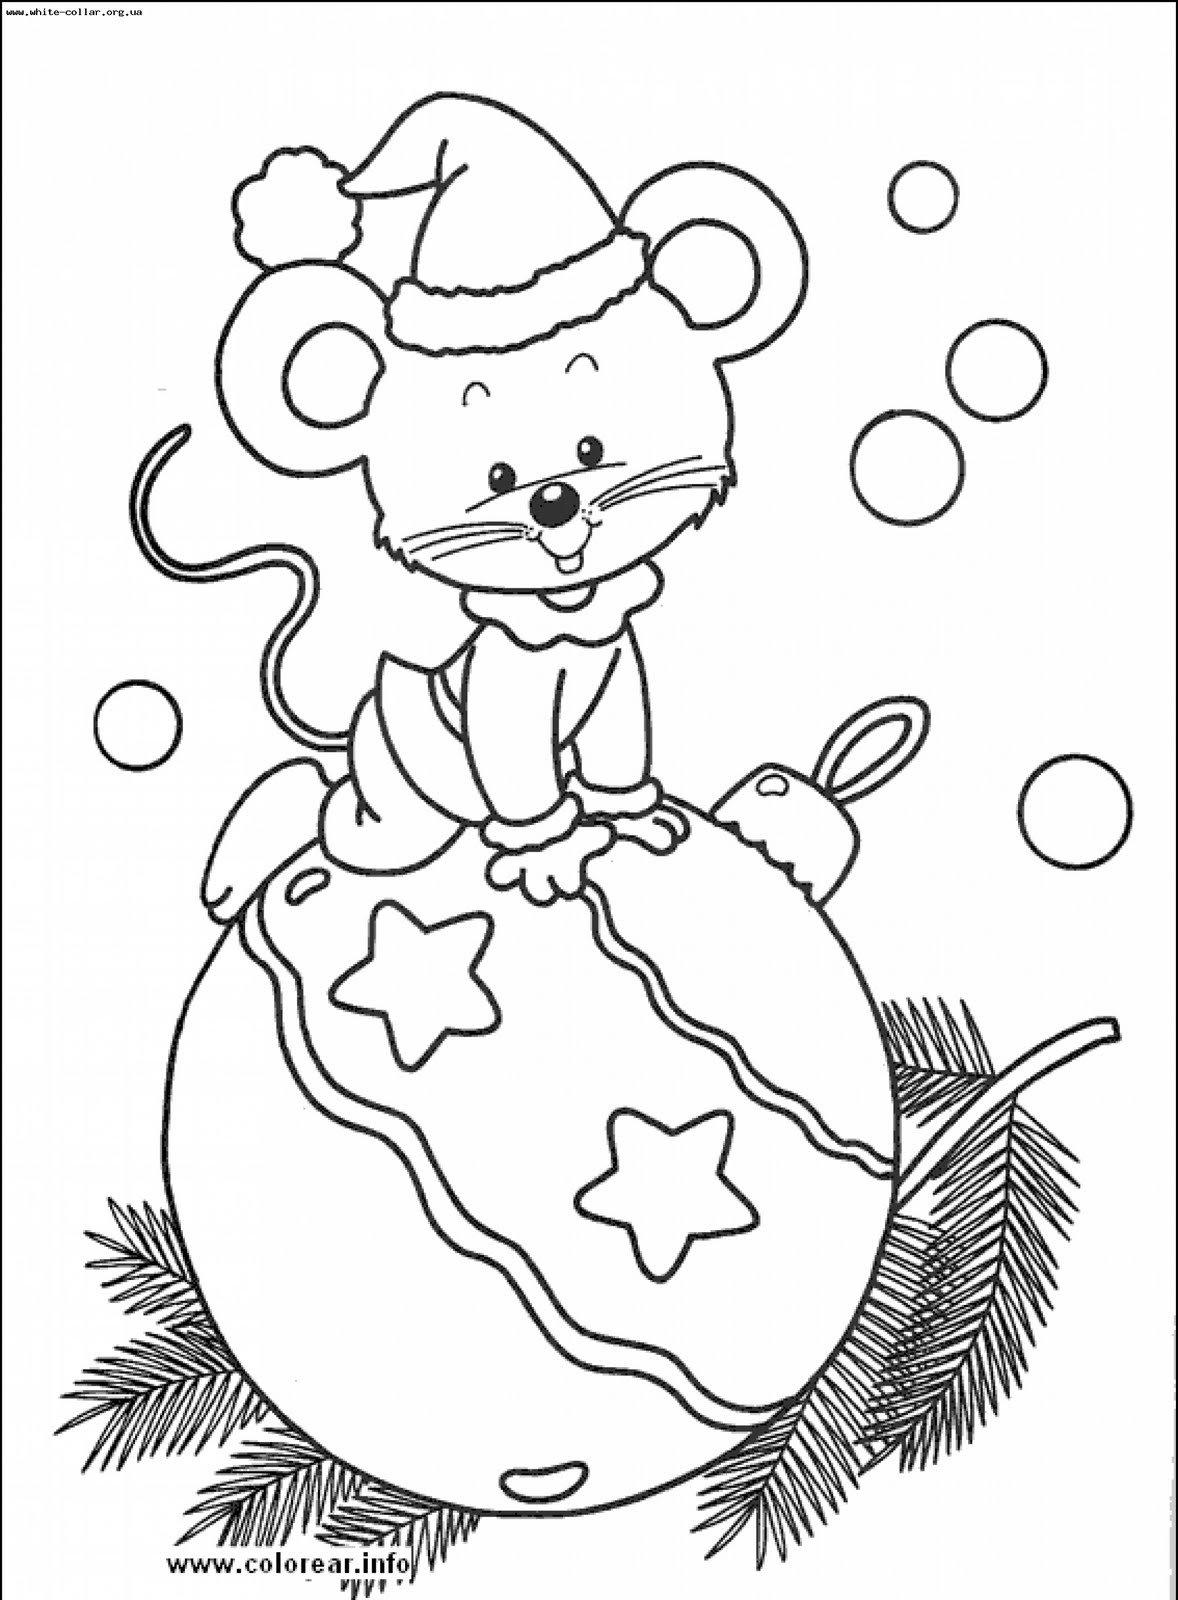 «Распечатать раскраску на принтере. Раскраски для детей ...